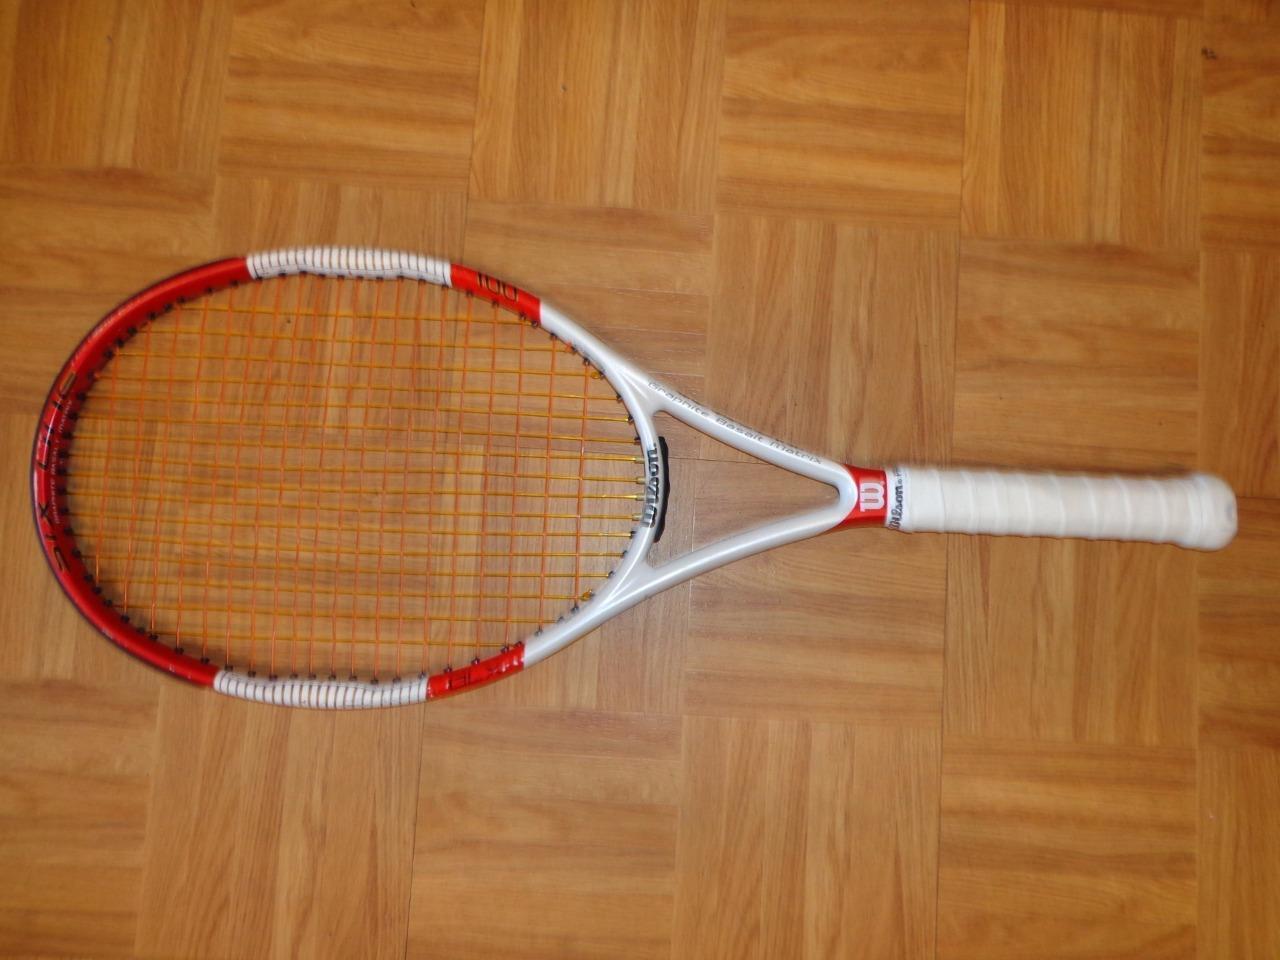 Wilson Six-One 100 TEAM 9.4oz 4 1 4 grip Tennis Racquet